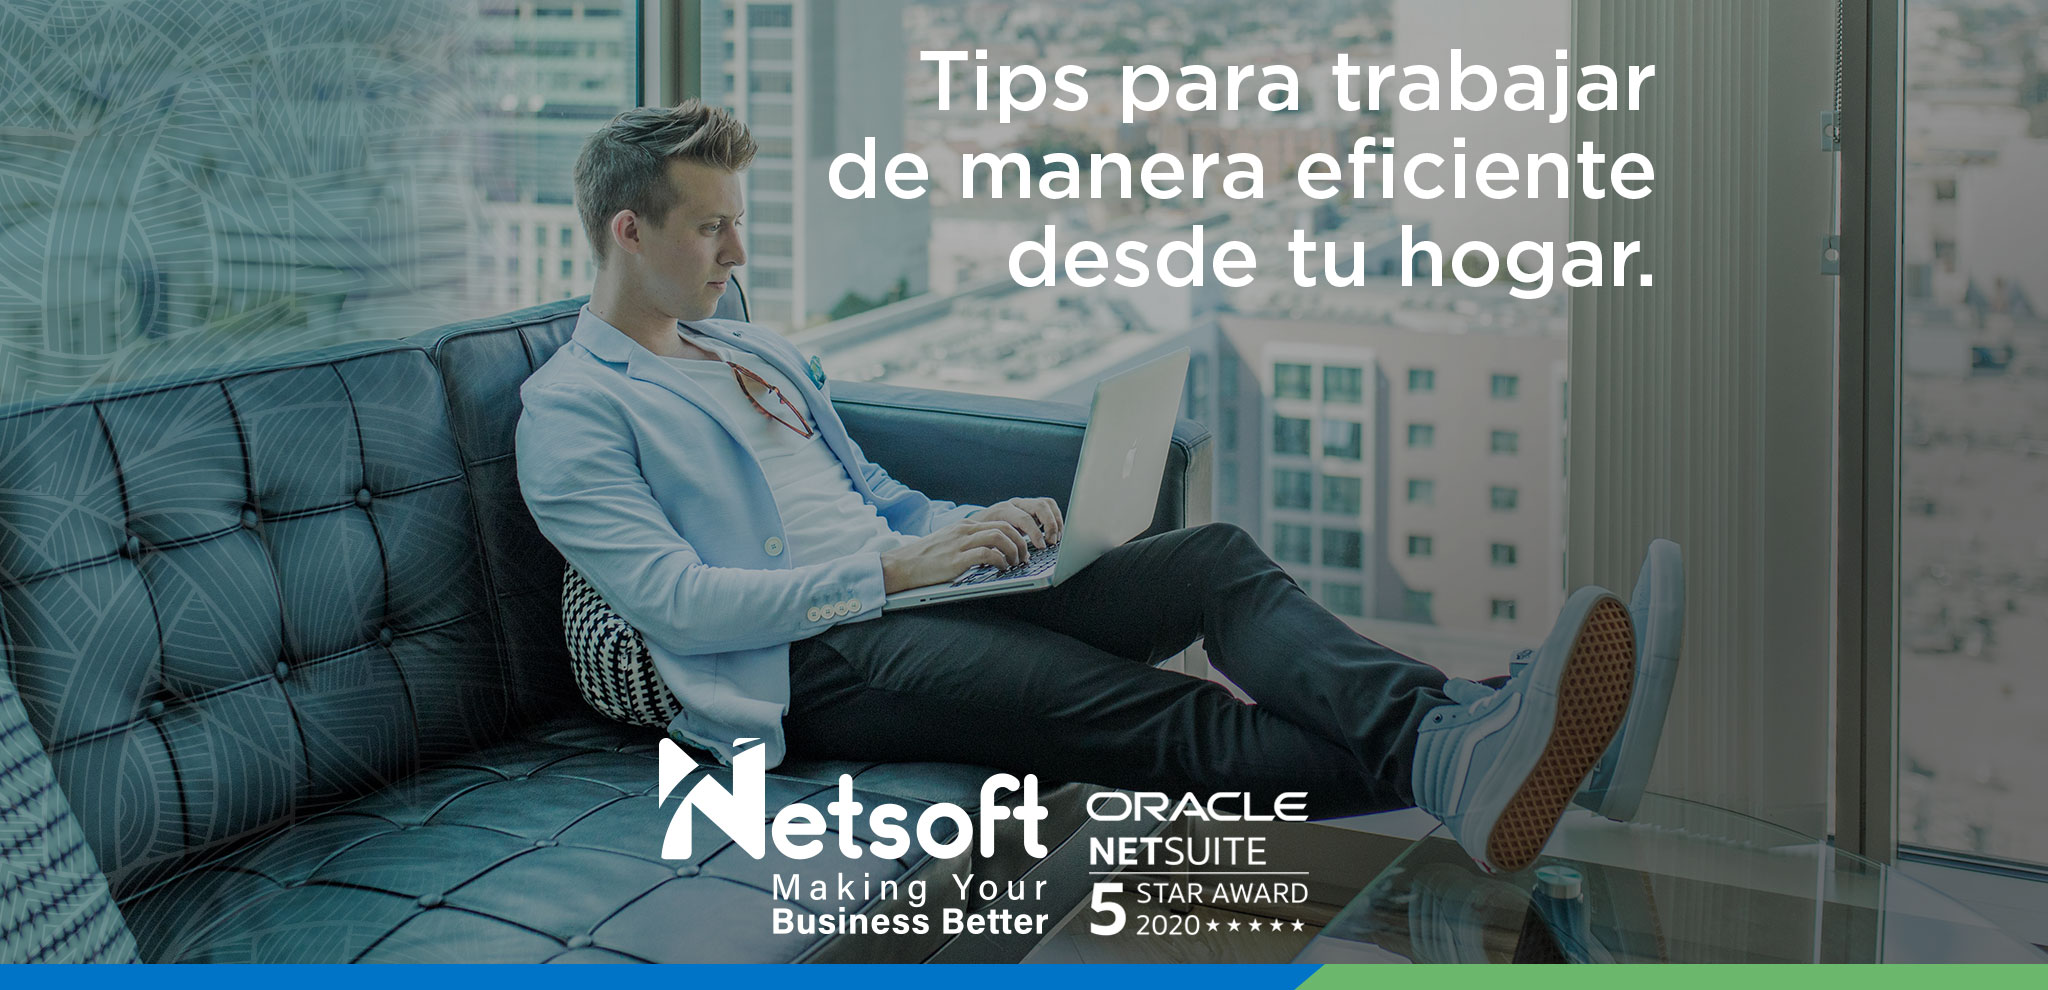 Tips para trabajar de manera eficiente desde tu hogar.